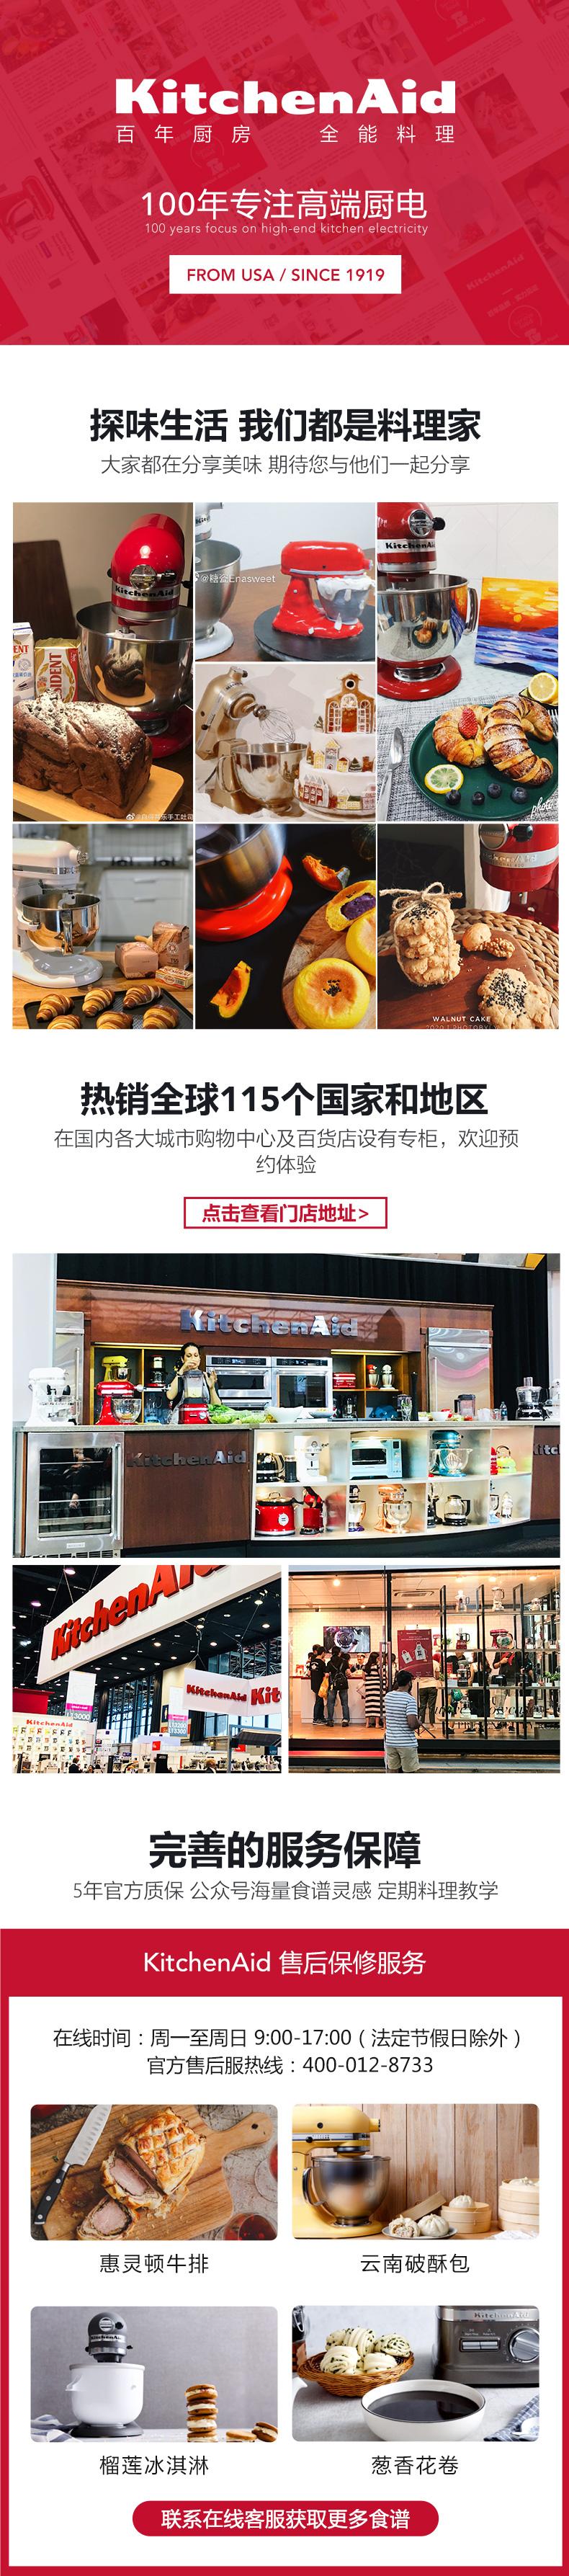 厨师机凯膳怡美国进口多功能家用小型搅拌和麵机详细照片